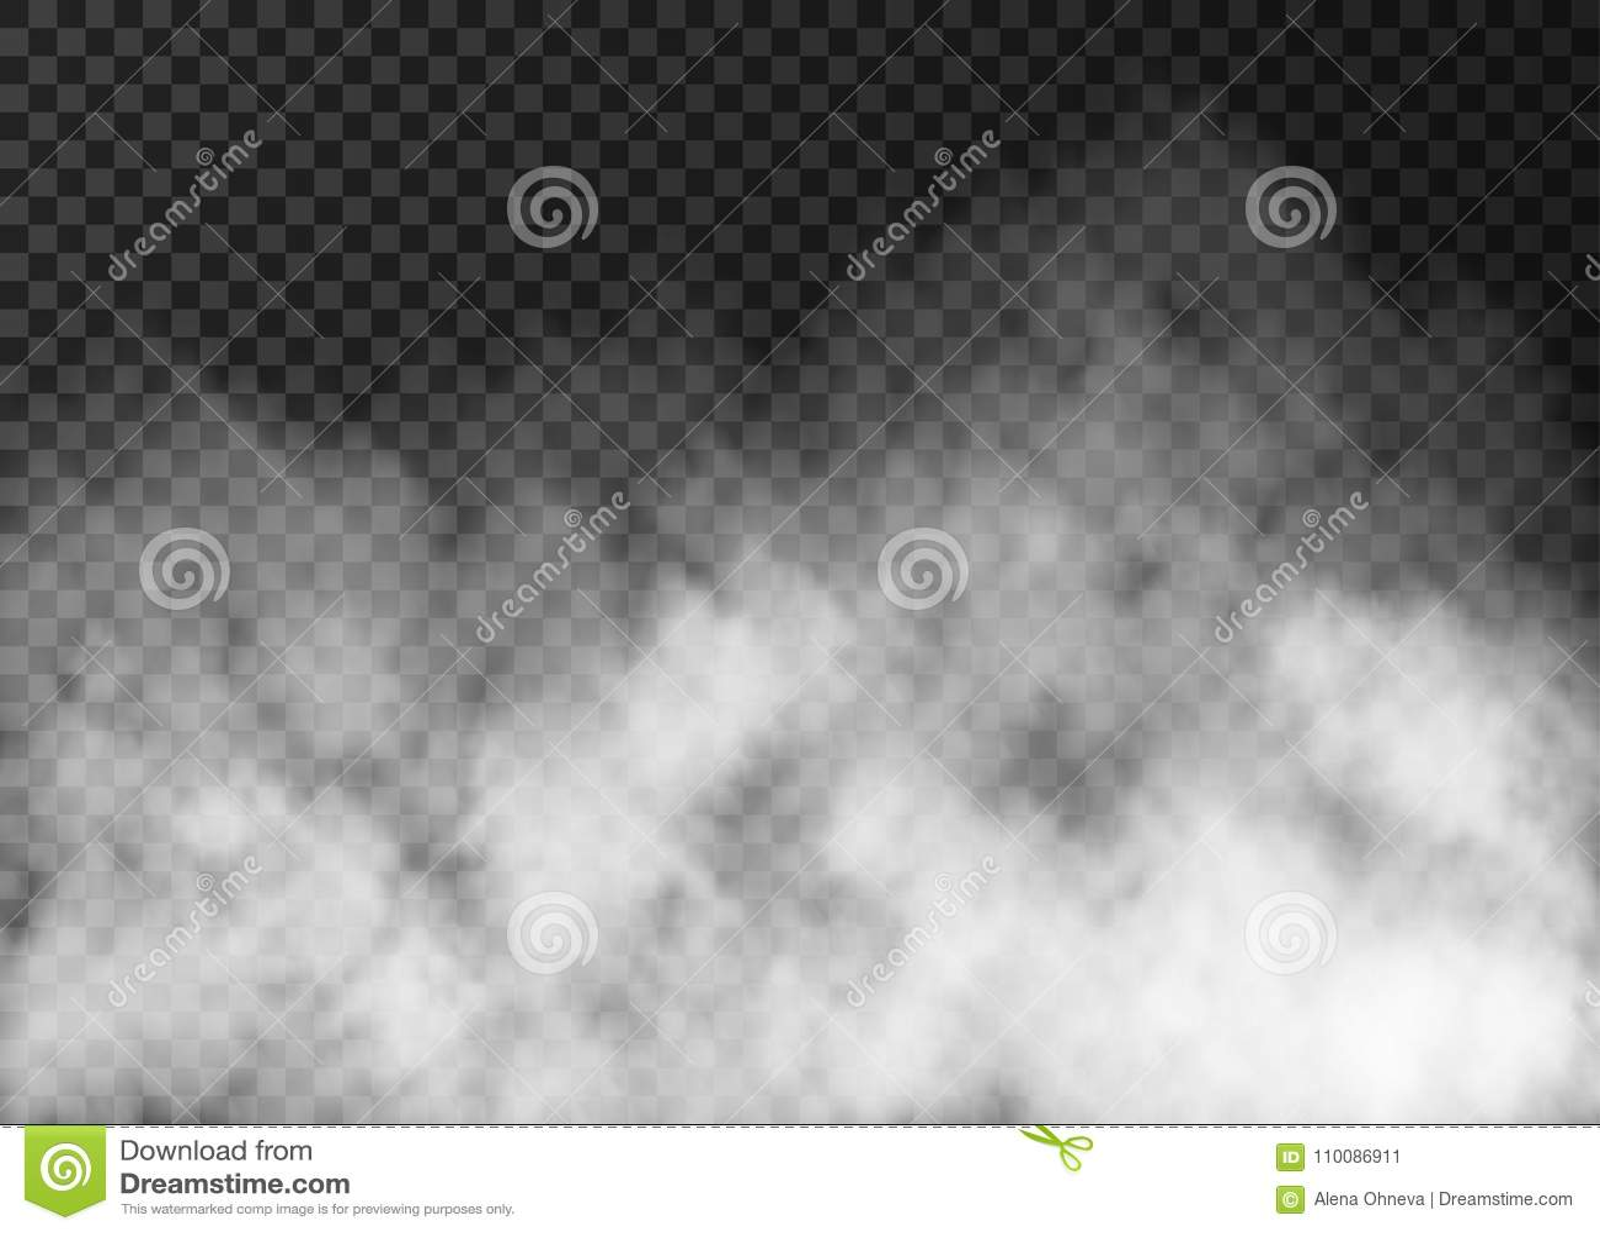 Textura blanca del humo en fondo transparente